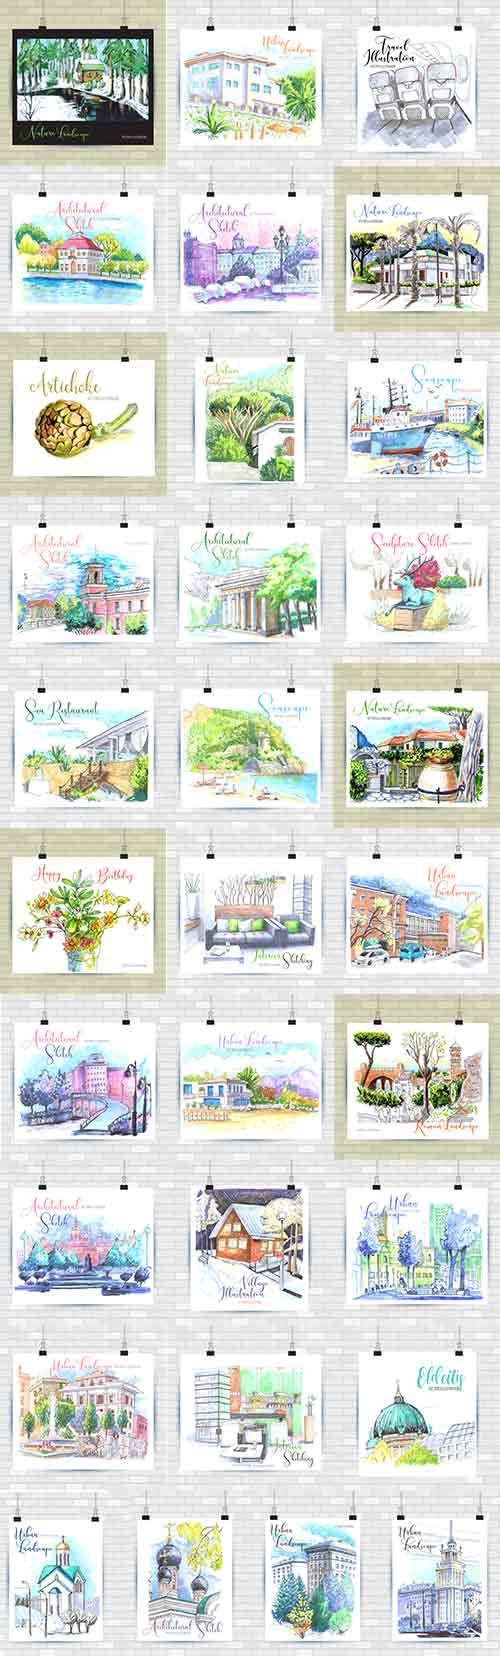 Городские эскизы - Векторный клипарт / Urban sketches - Vector Graphics